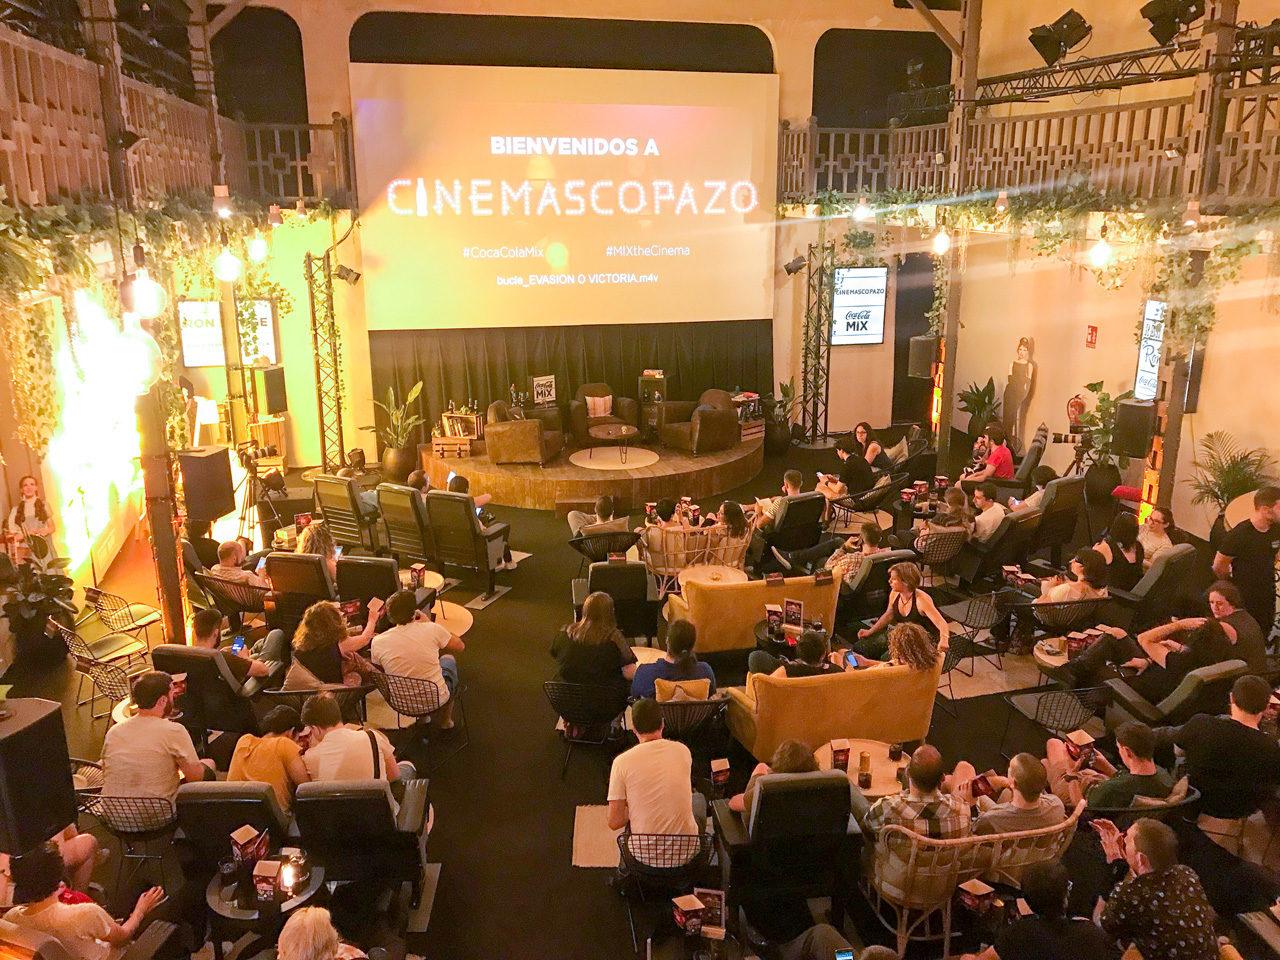 Cinemascopazo, llega el maridaje de Coca-Cola con el mejor cine